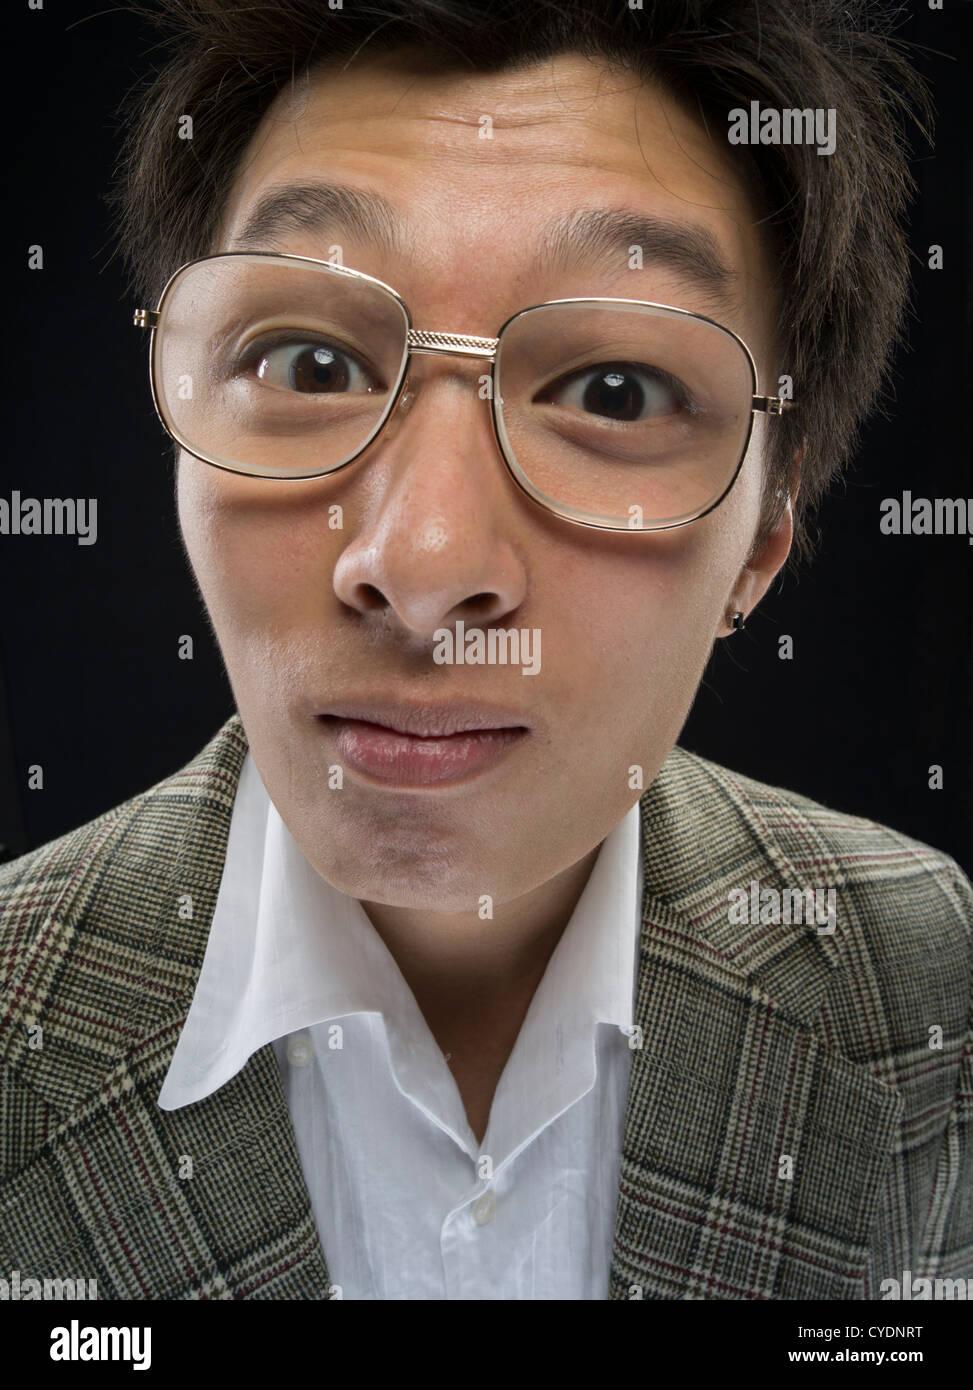 Strong Asian Man 28